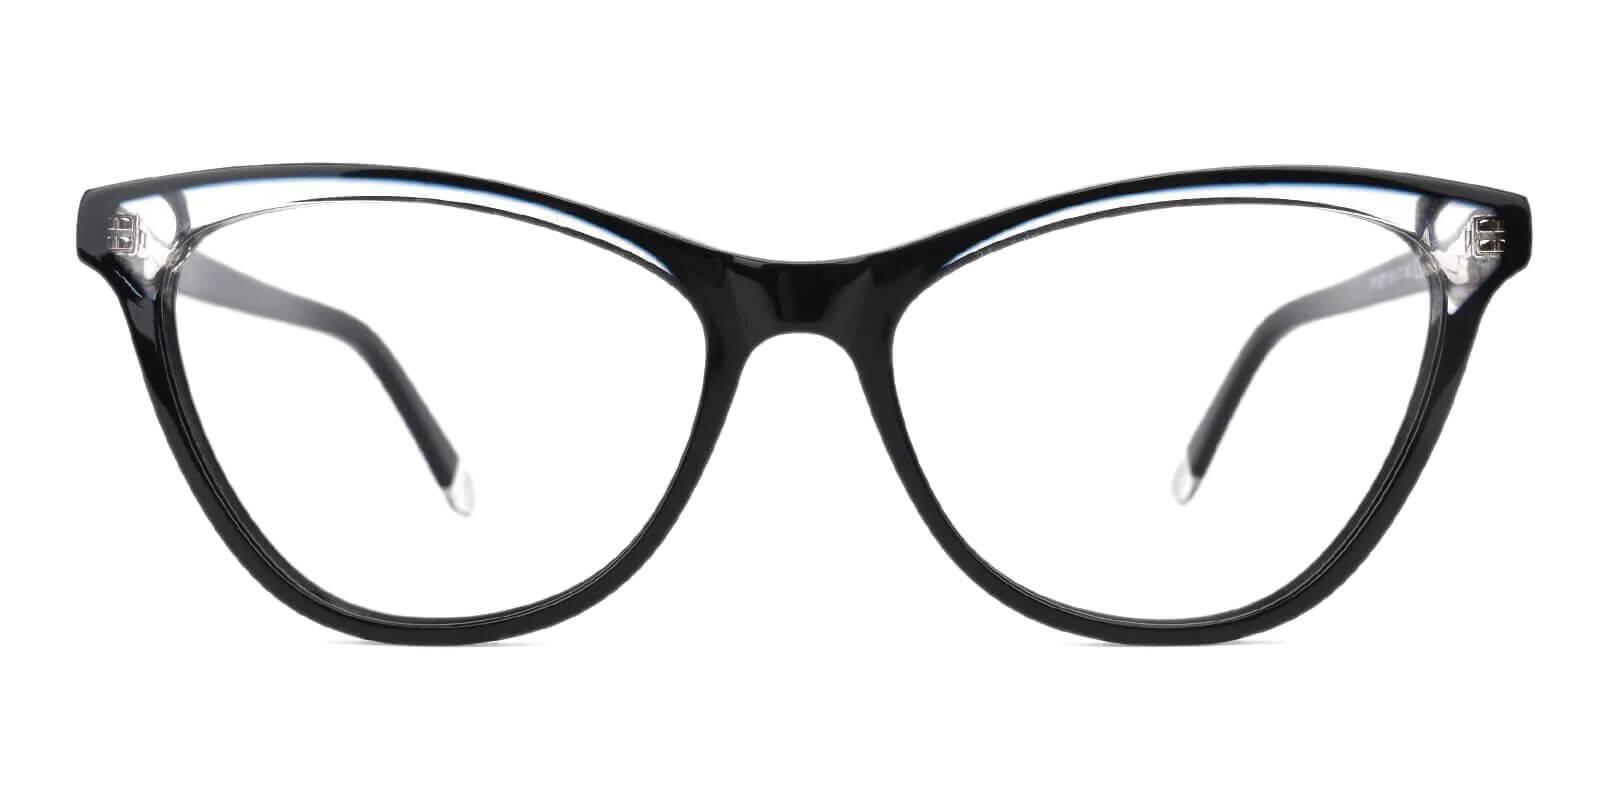 Luznic Black Acetate Eyeglasses , UniversalBridgeFit Frames from ABBE Glasses